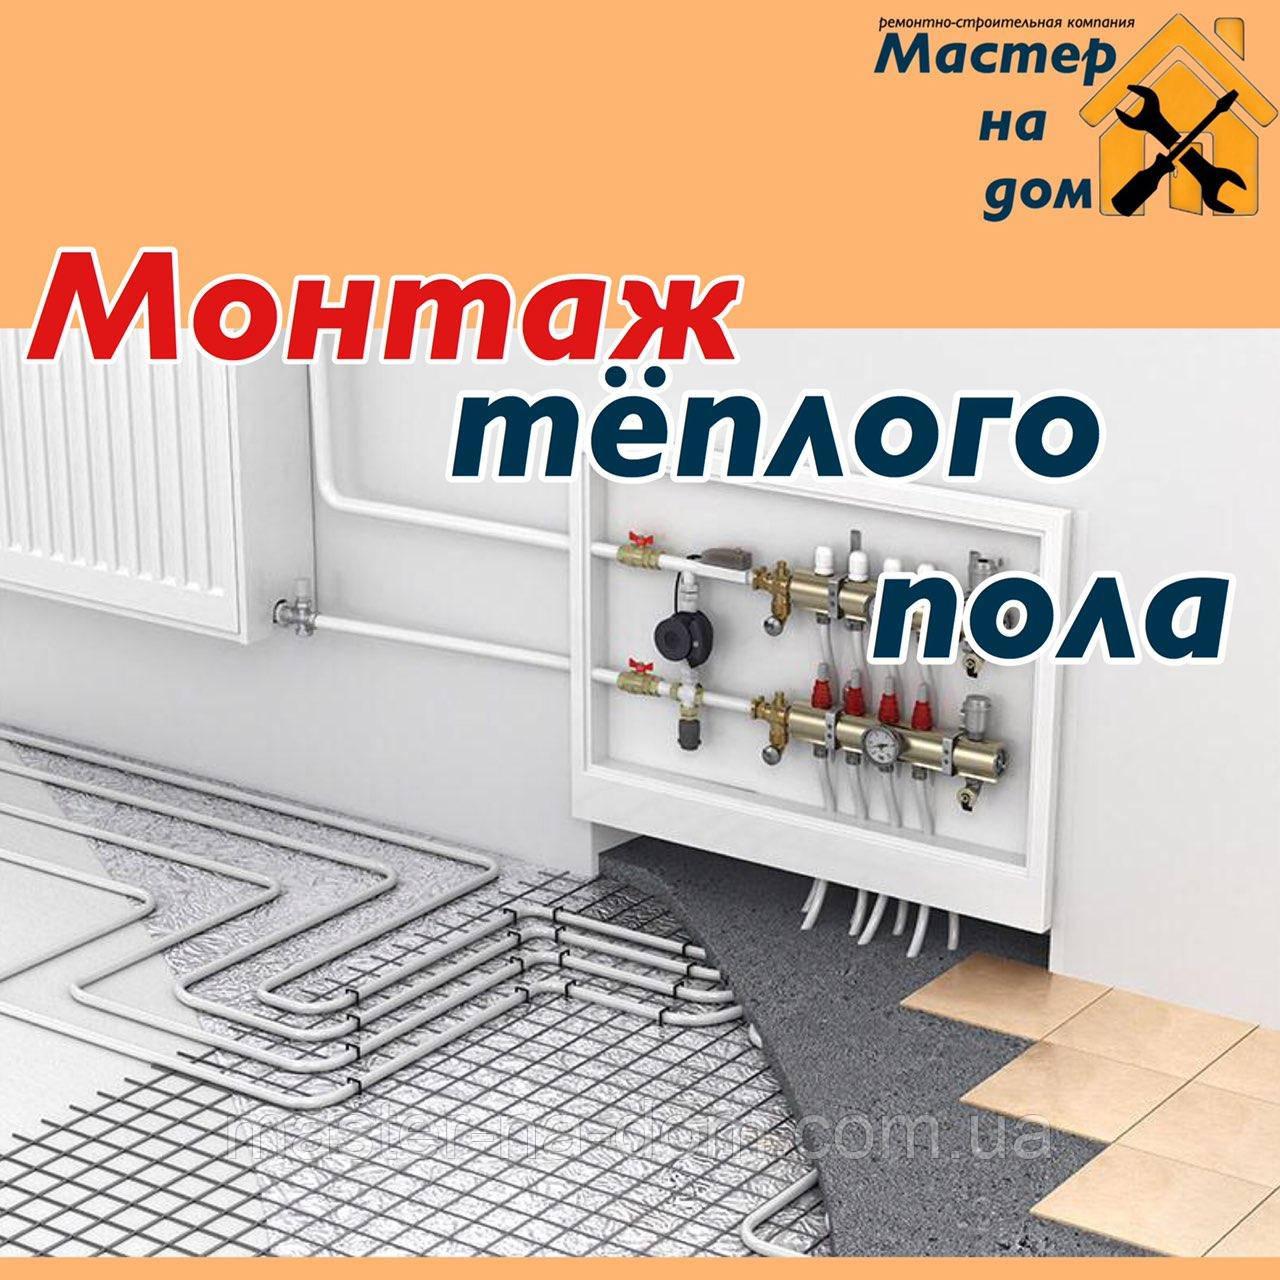 Монтаж теплого пола в Одессе, фото 1